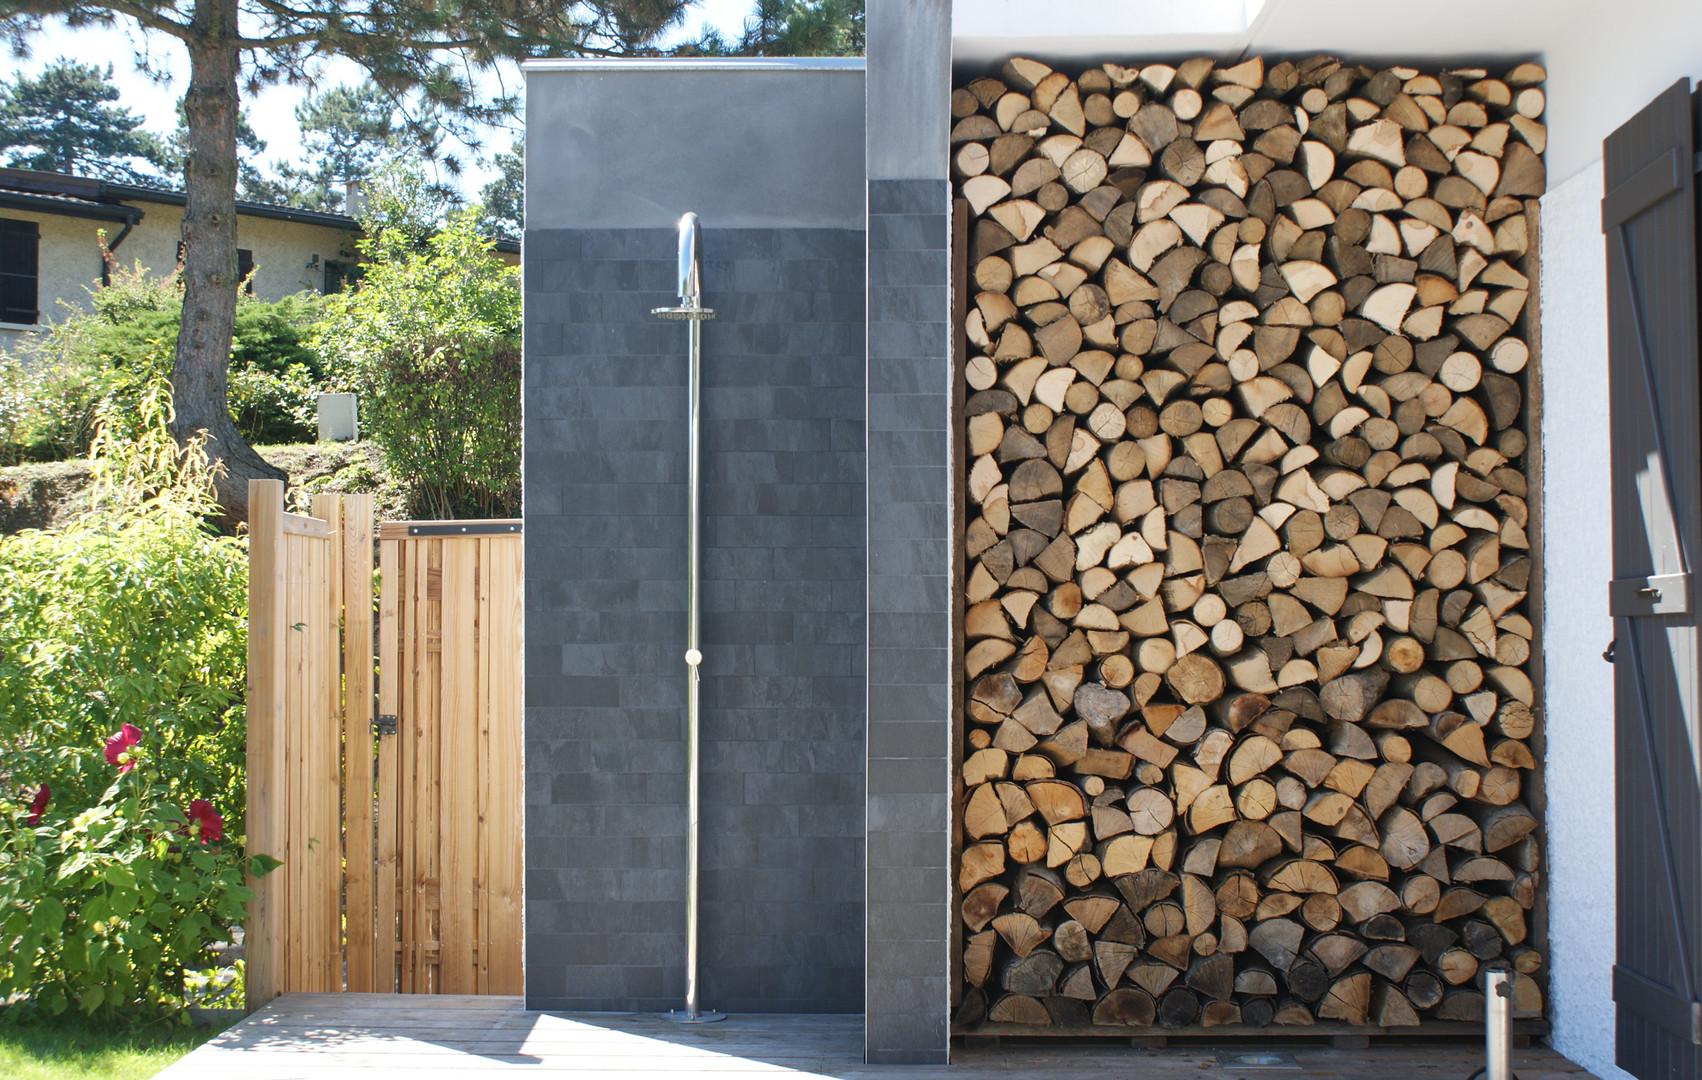 Les détails des aménagements paysagers garantissent une finition soignée.